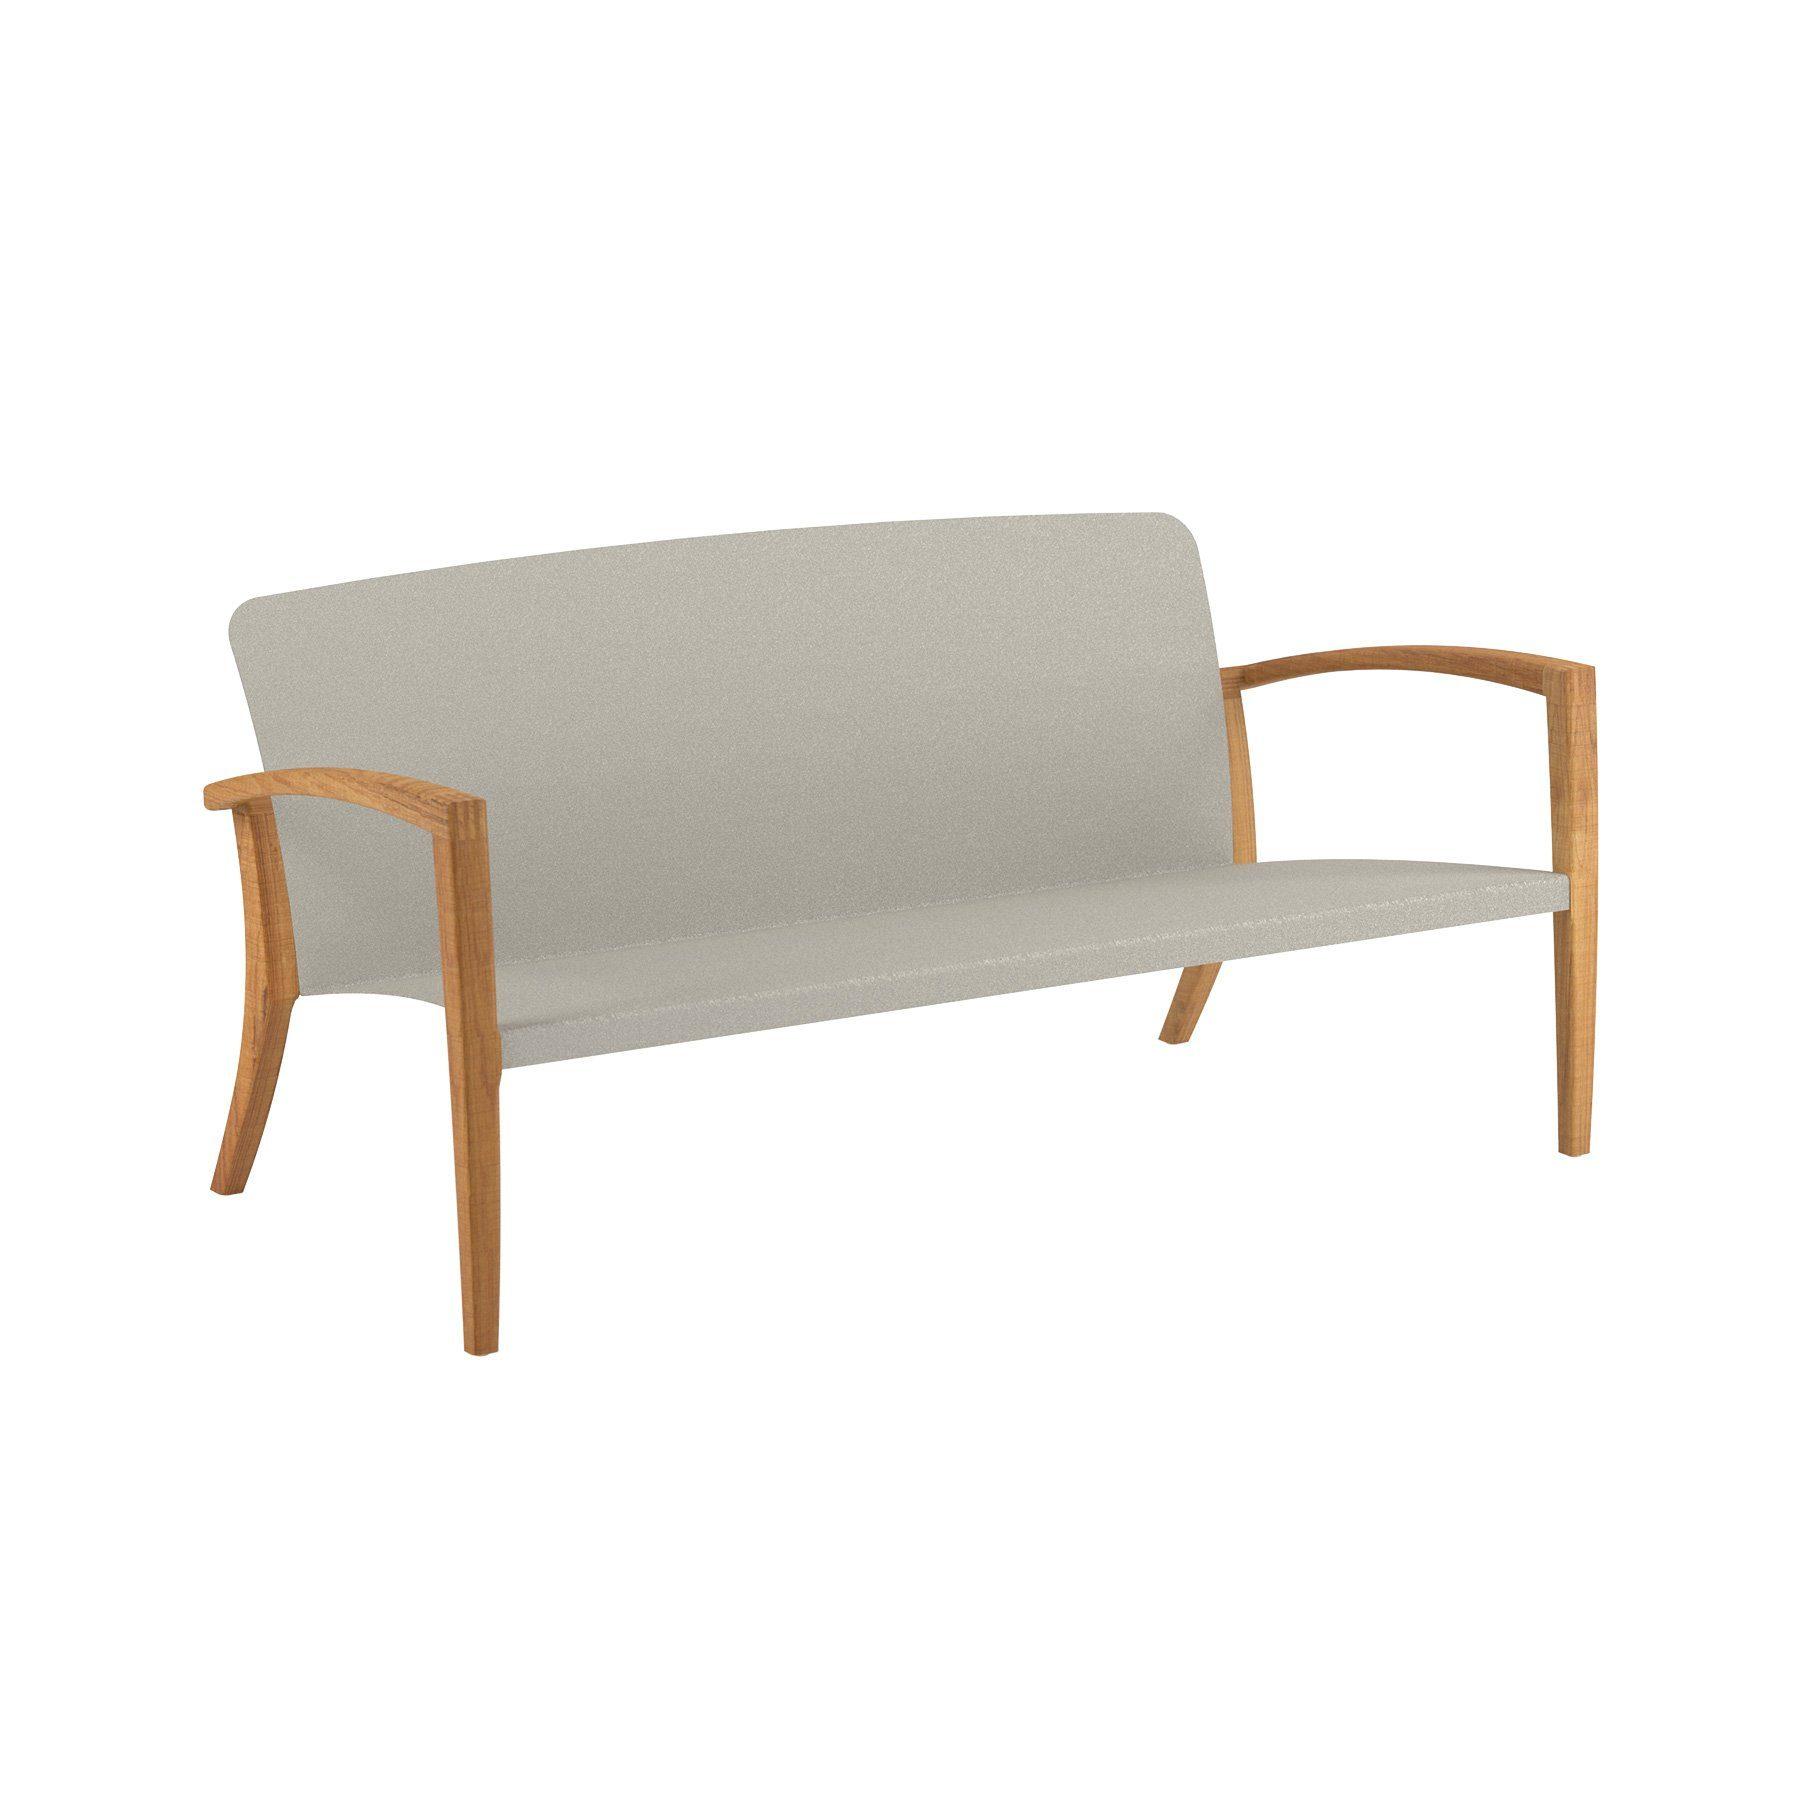 """Gartenbank """"Zidiz 154"""" von Royal Botania, Teakholz mit Sitzschale aus Aluminium sand"""